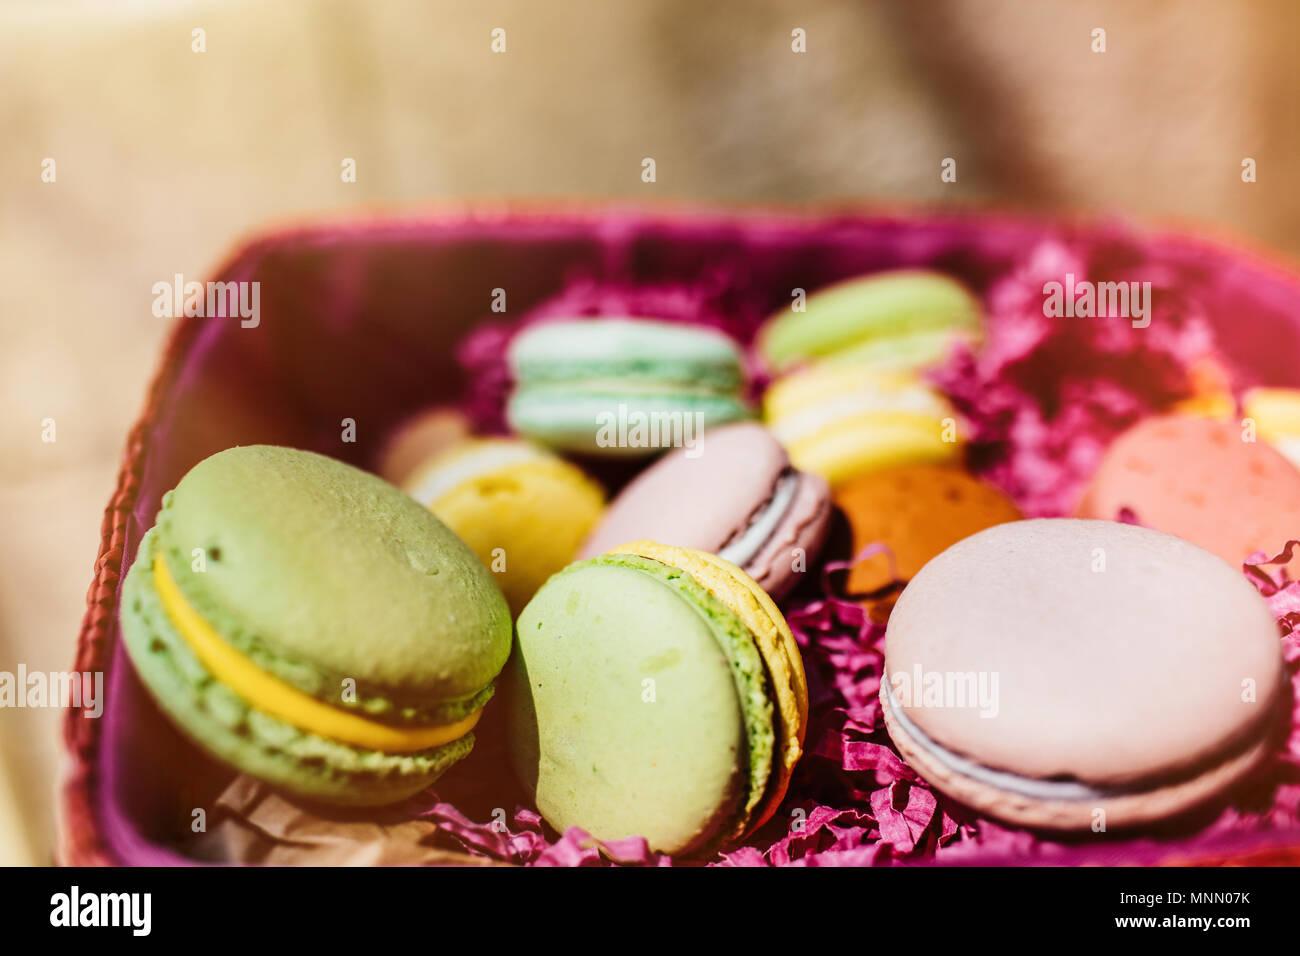 Amaretti colorati. Dolce macarons con copia spazio per il testo. Vista dall'alto, Immagini Stock